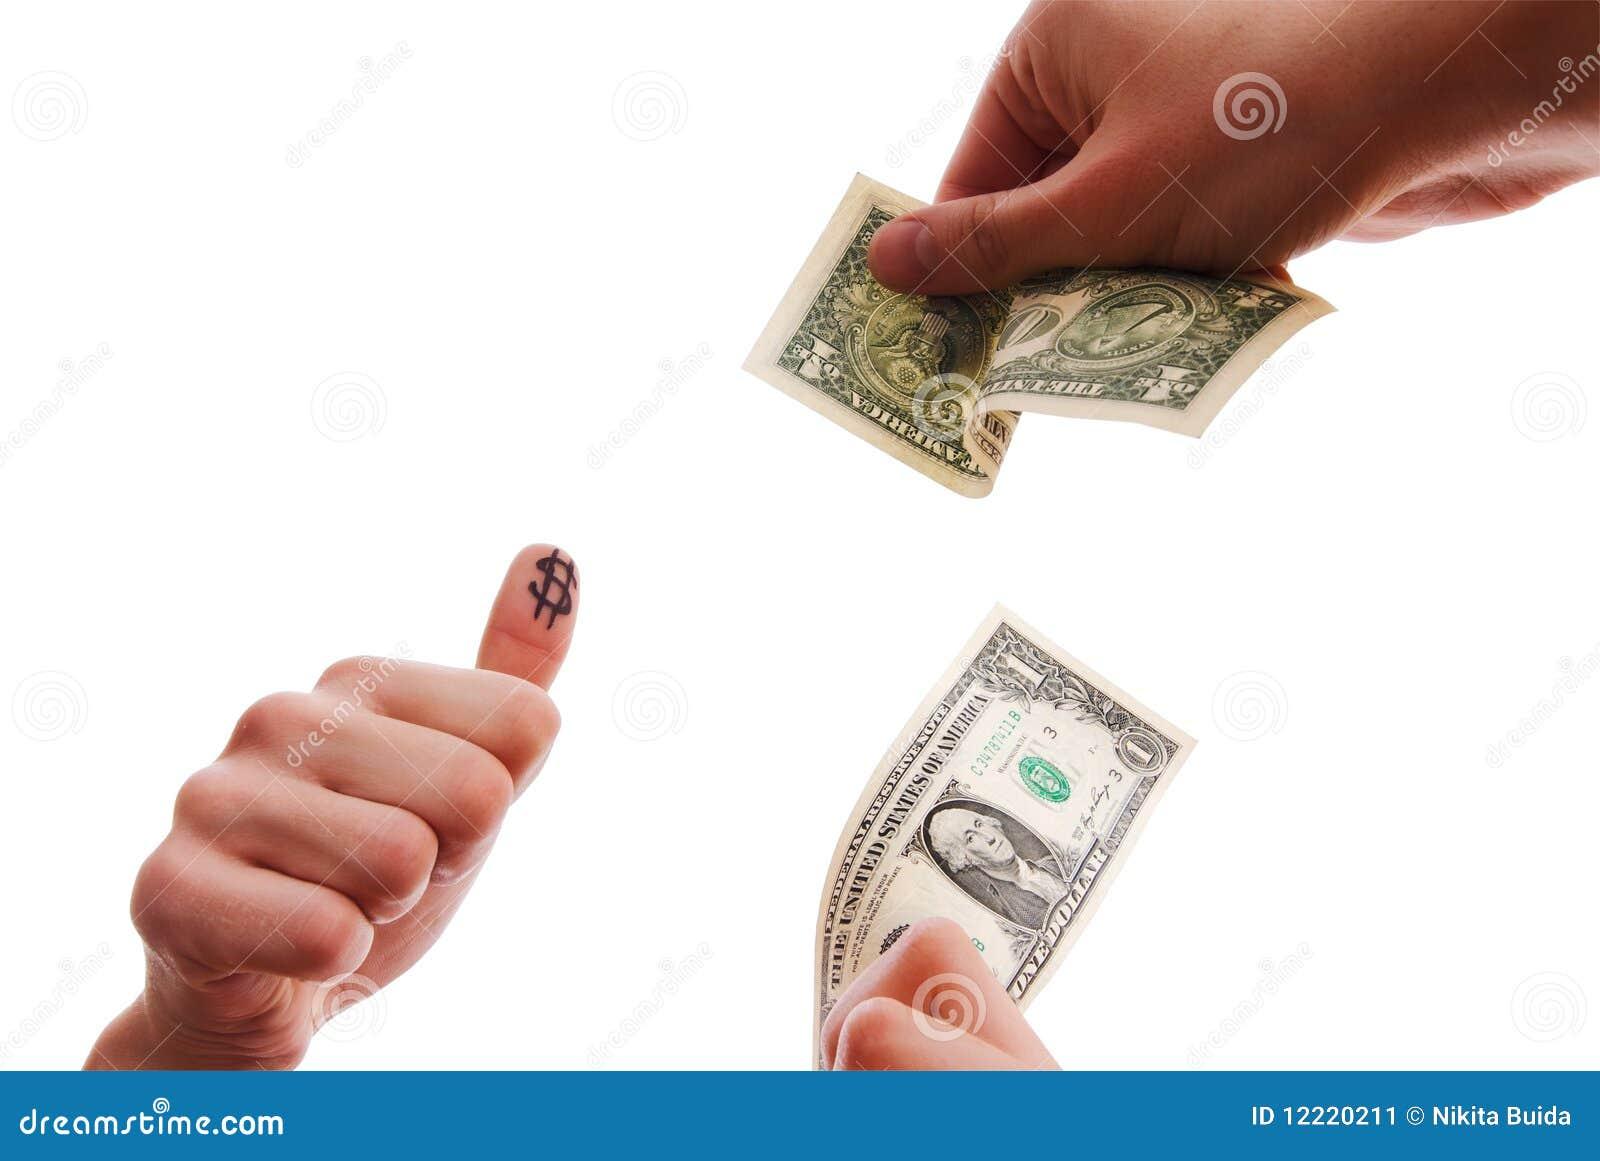 Hands exchanging dollars